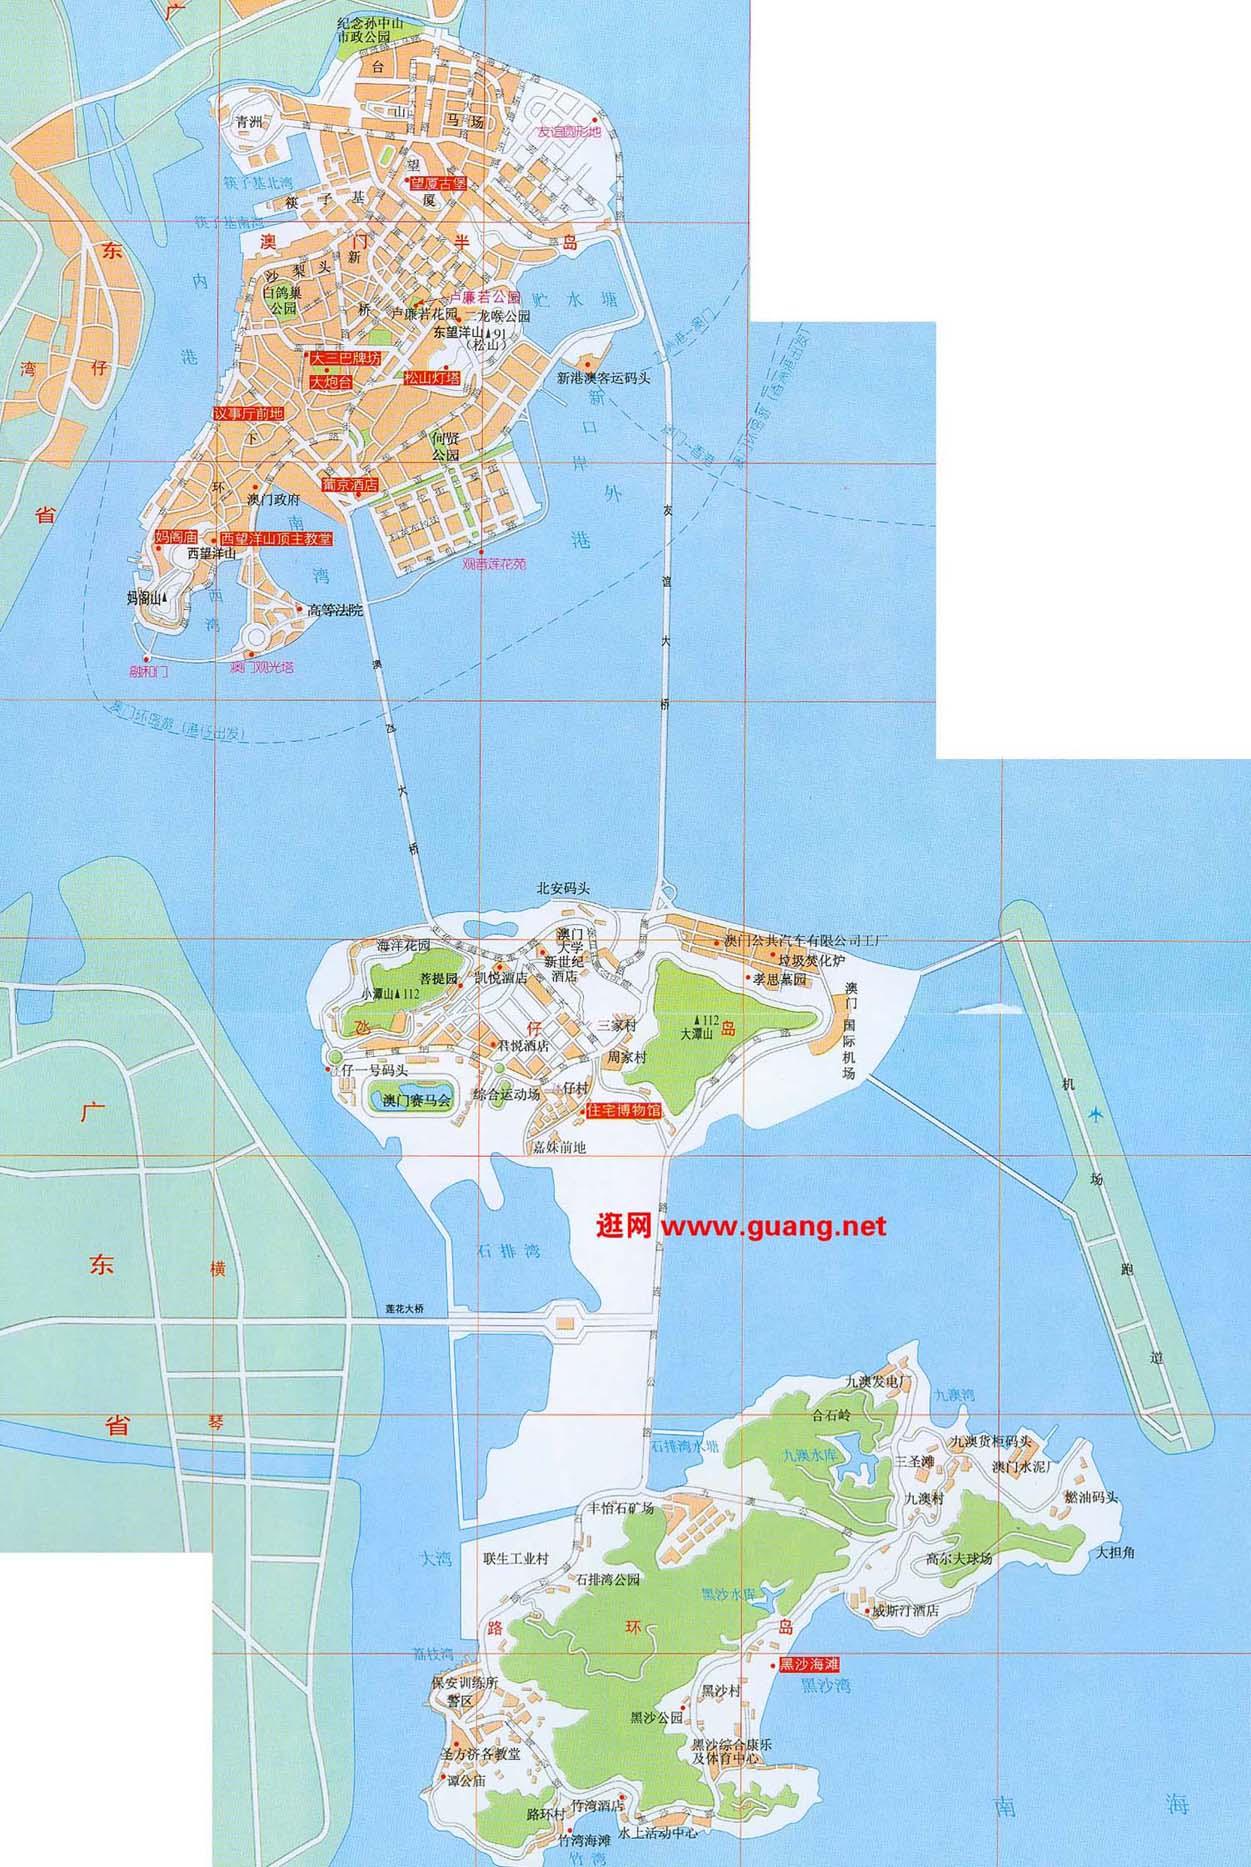 澳门地图查询_澳门地图下载_骑行圈_自行车旅